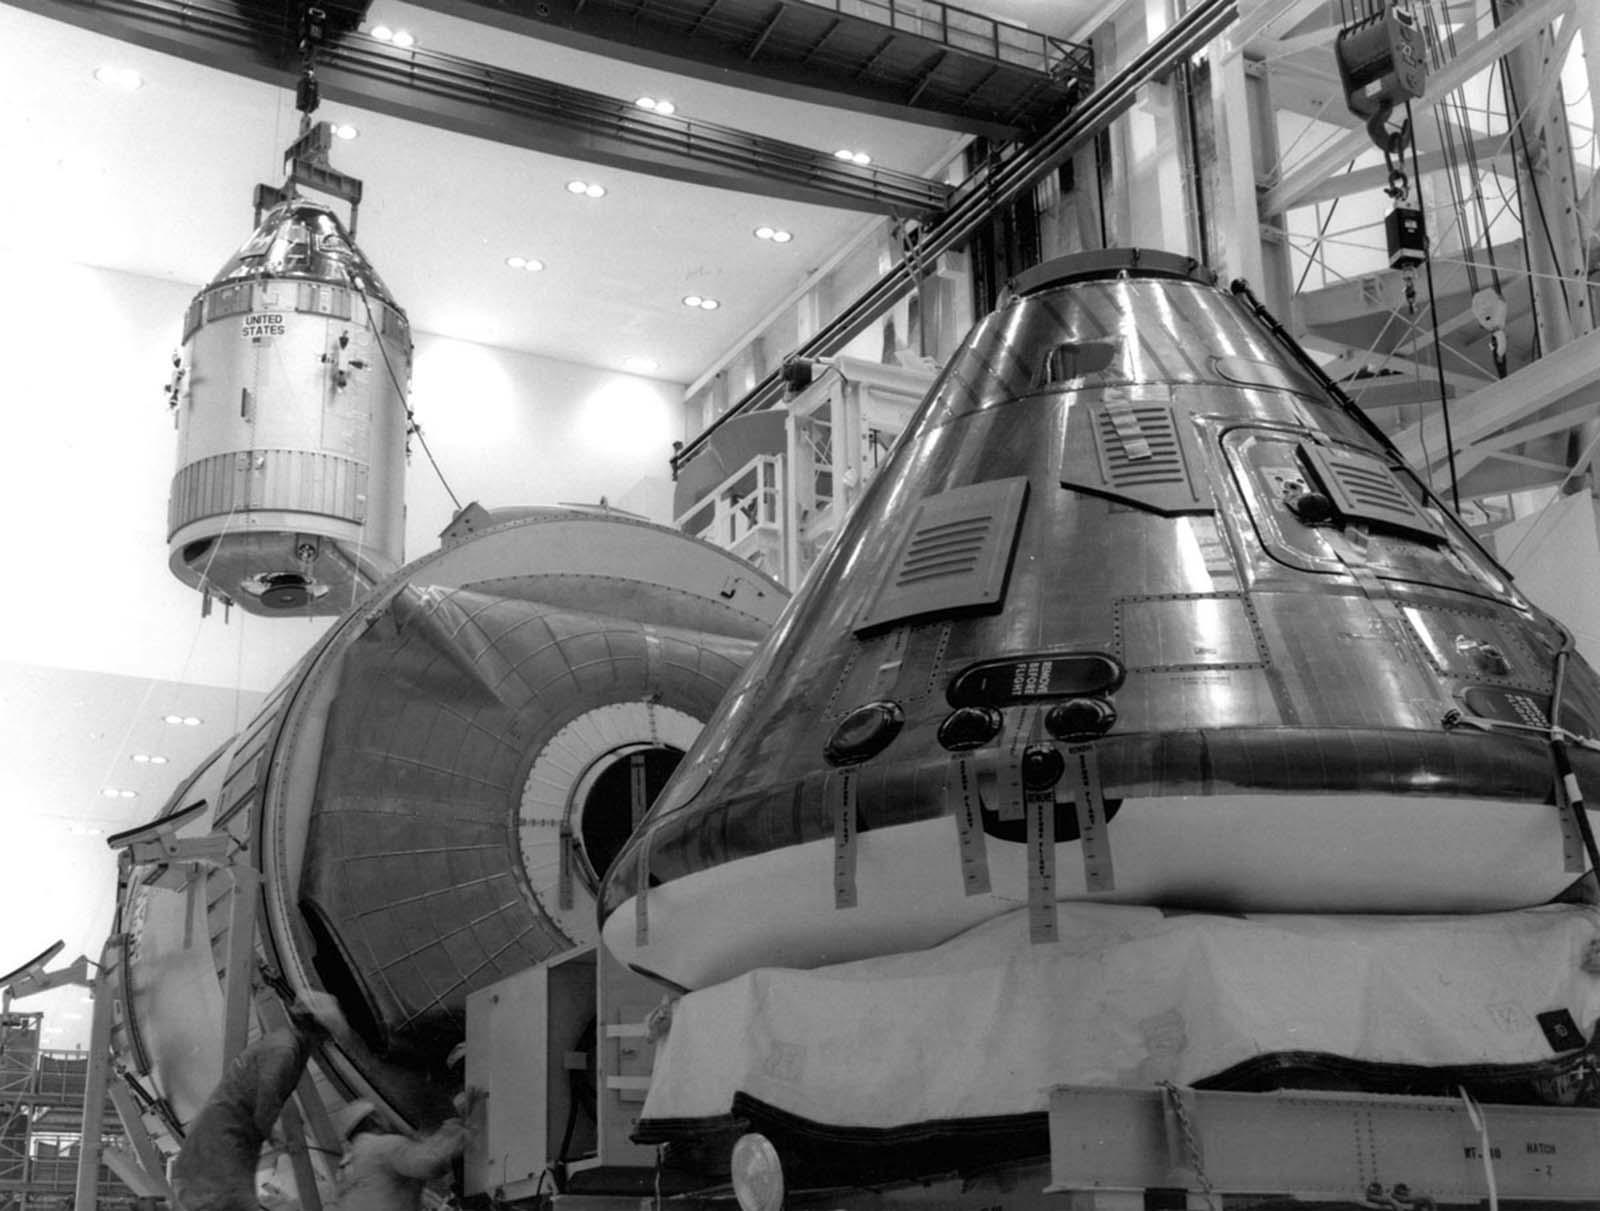 Apollo 11 preparation%2B%252817%2529 - Fotos raras da preparação de Neil Armstrong antes de ir a Lua